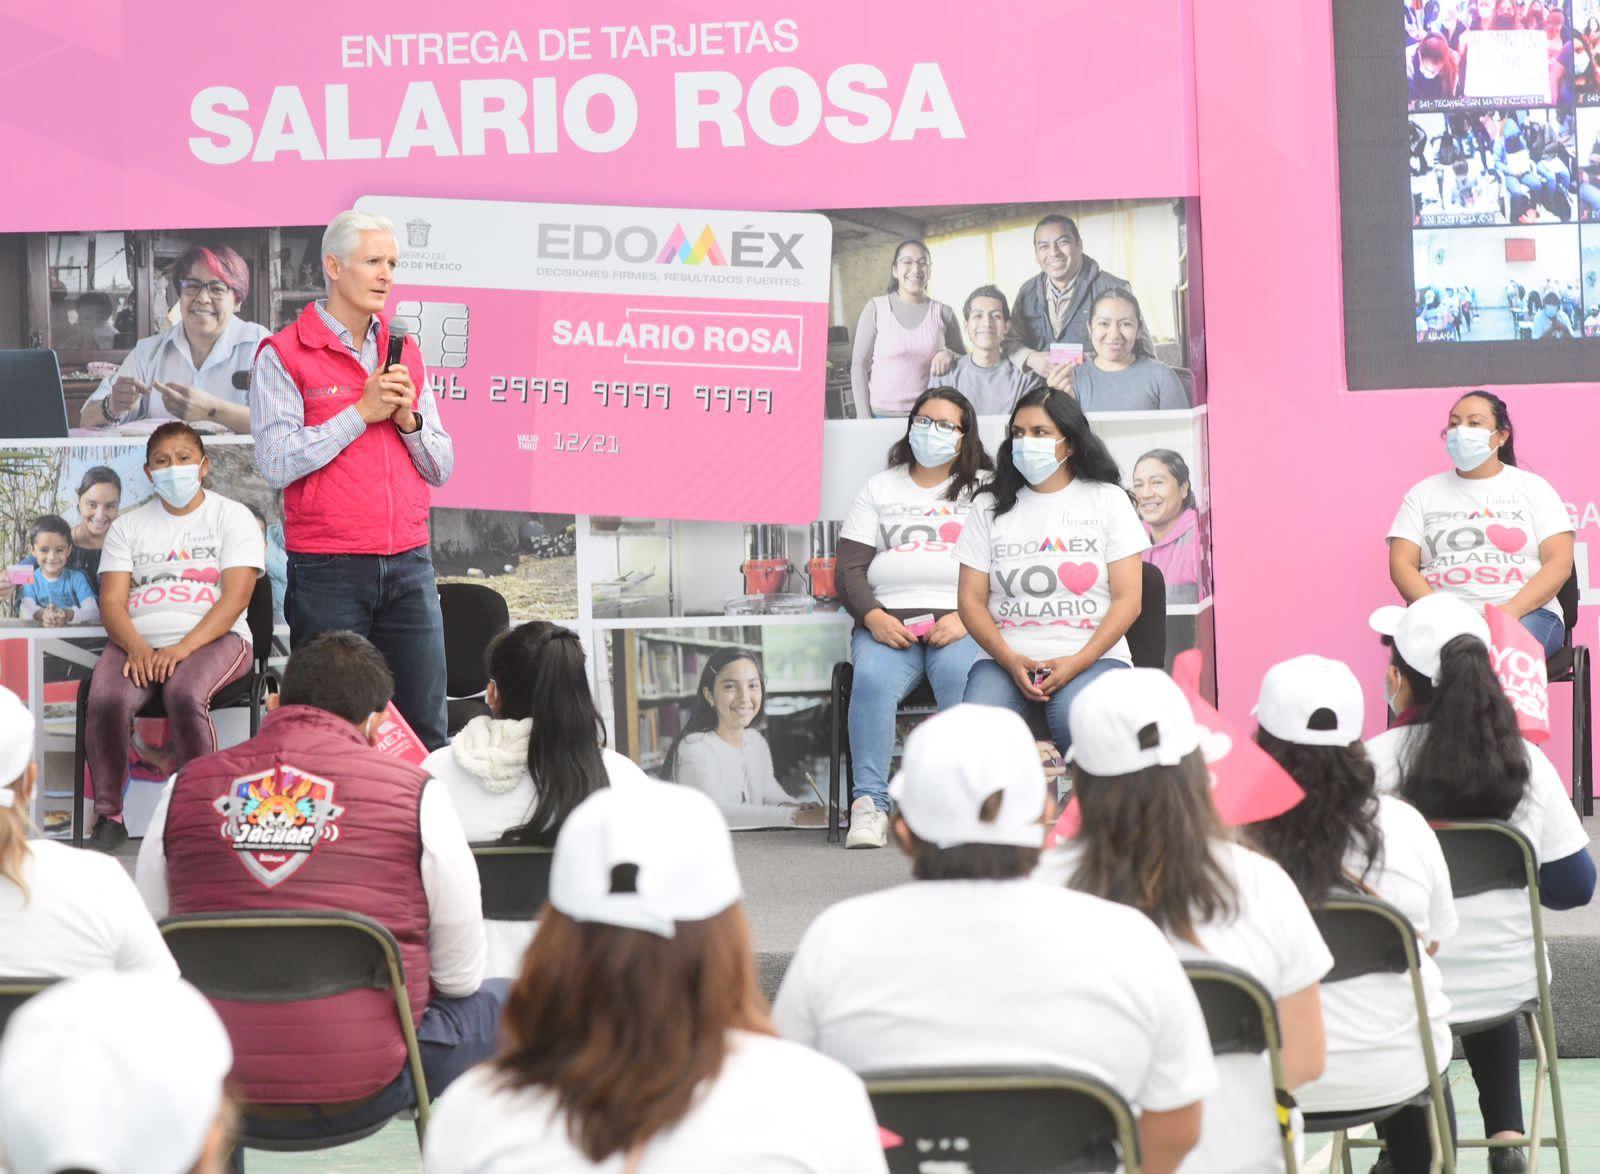 BRINDA SALARIO ROSA RESPALDO Y TRANQUILIDAD A LAS AMAS DE CASA: ALFREDO DEL MAZO